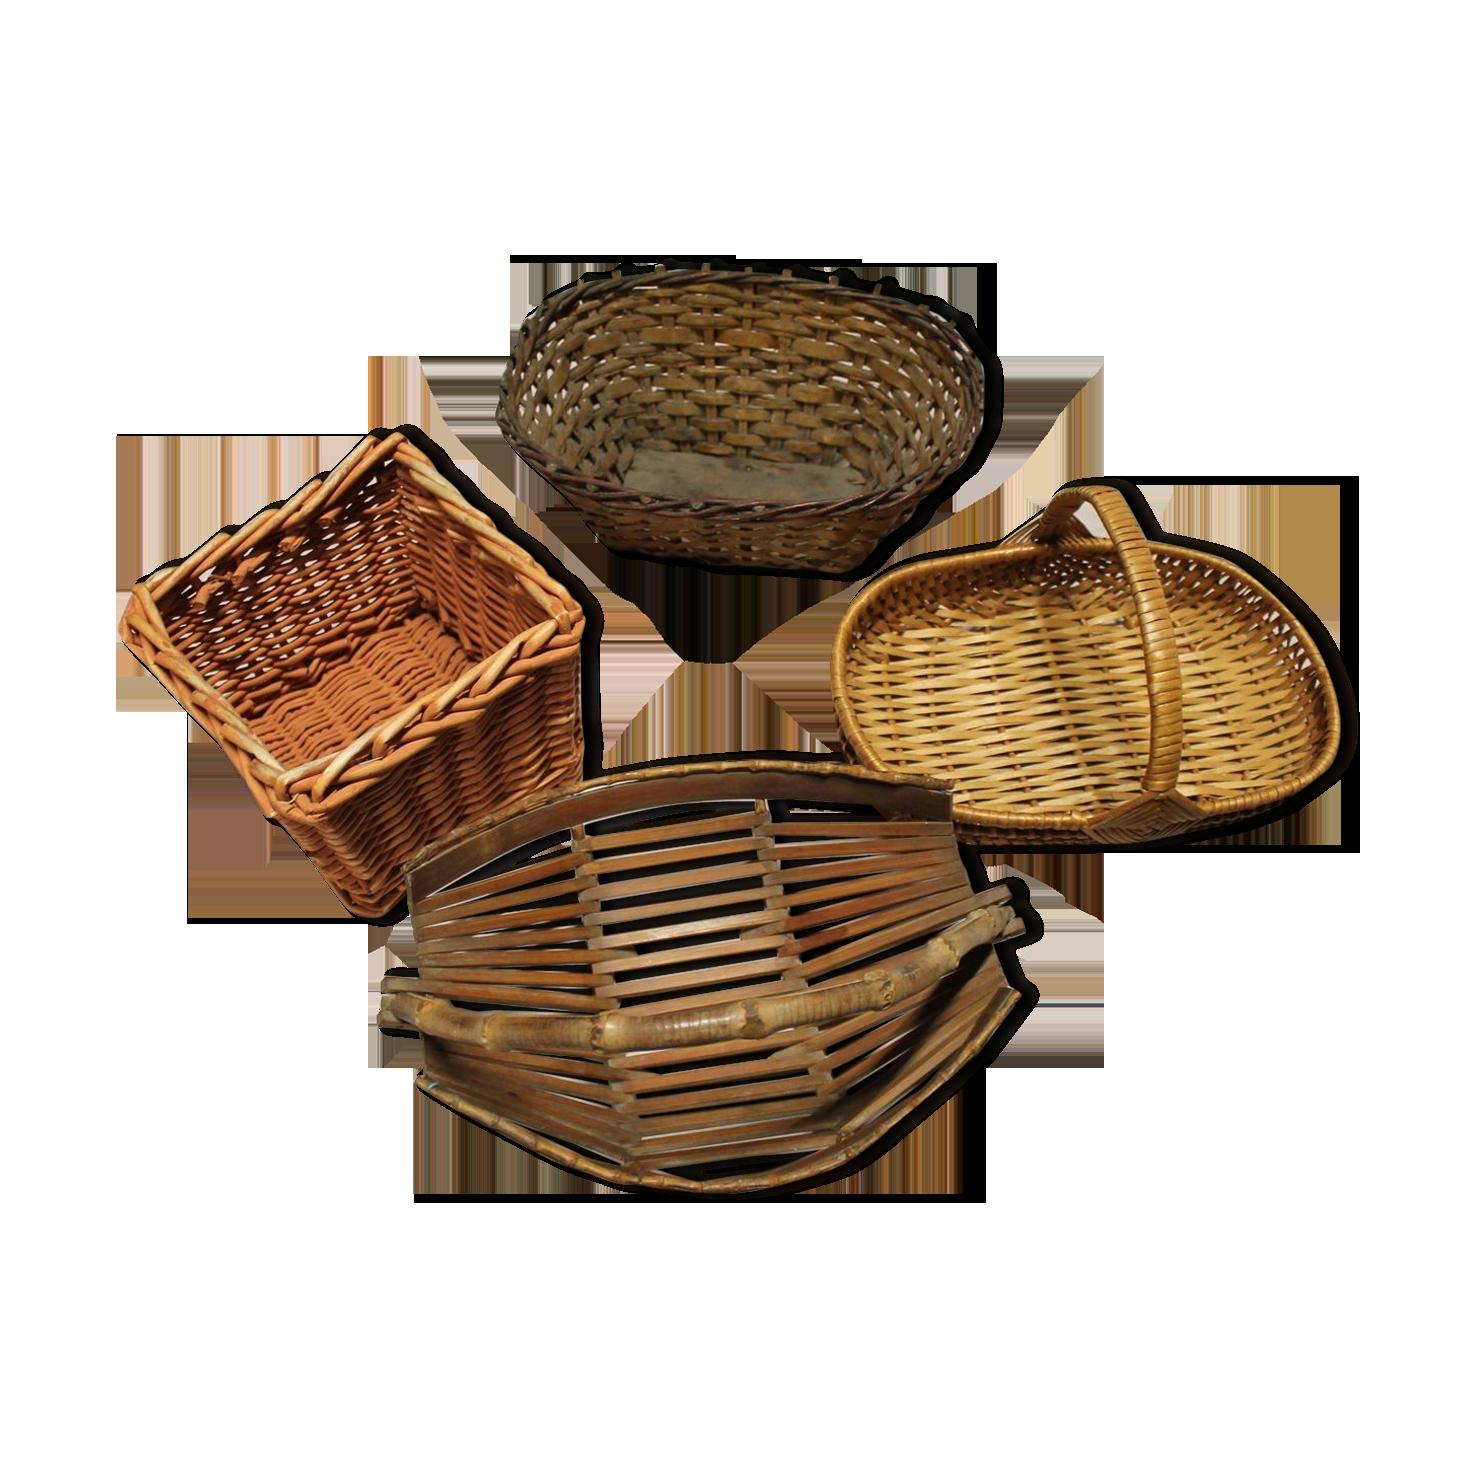 230/mm x 150/mm x 65/mm marron Olympia T364/Poly en osier ovale Panier de nourriture lot de 6